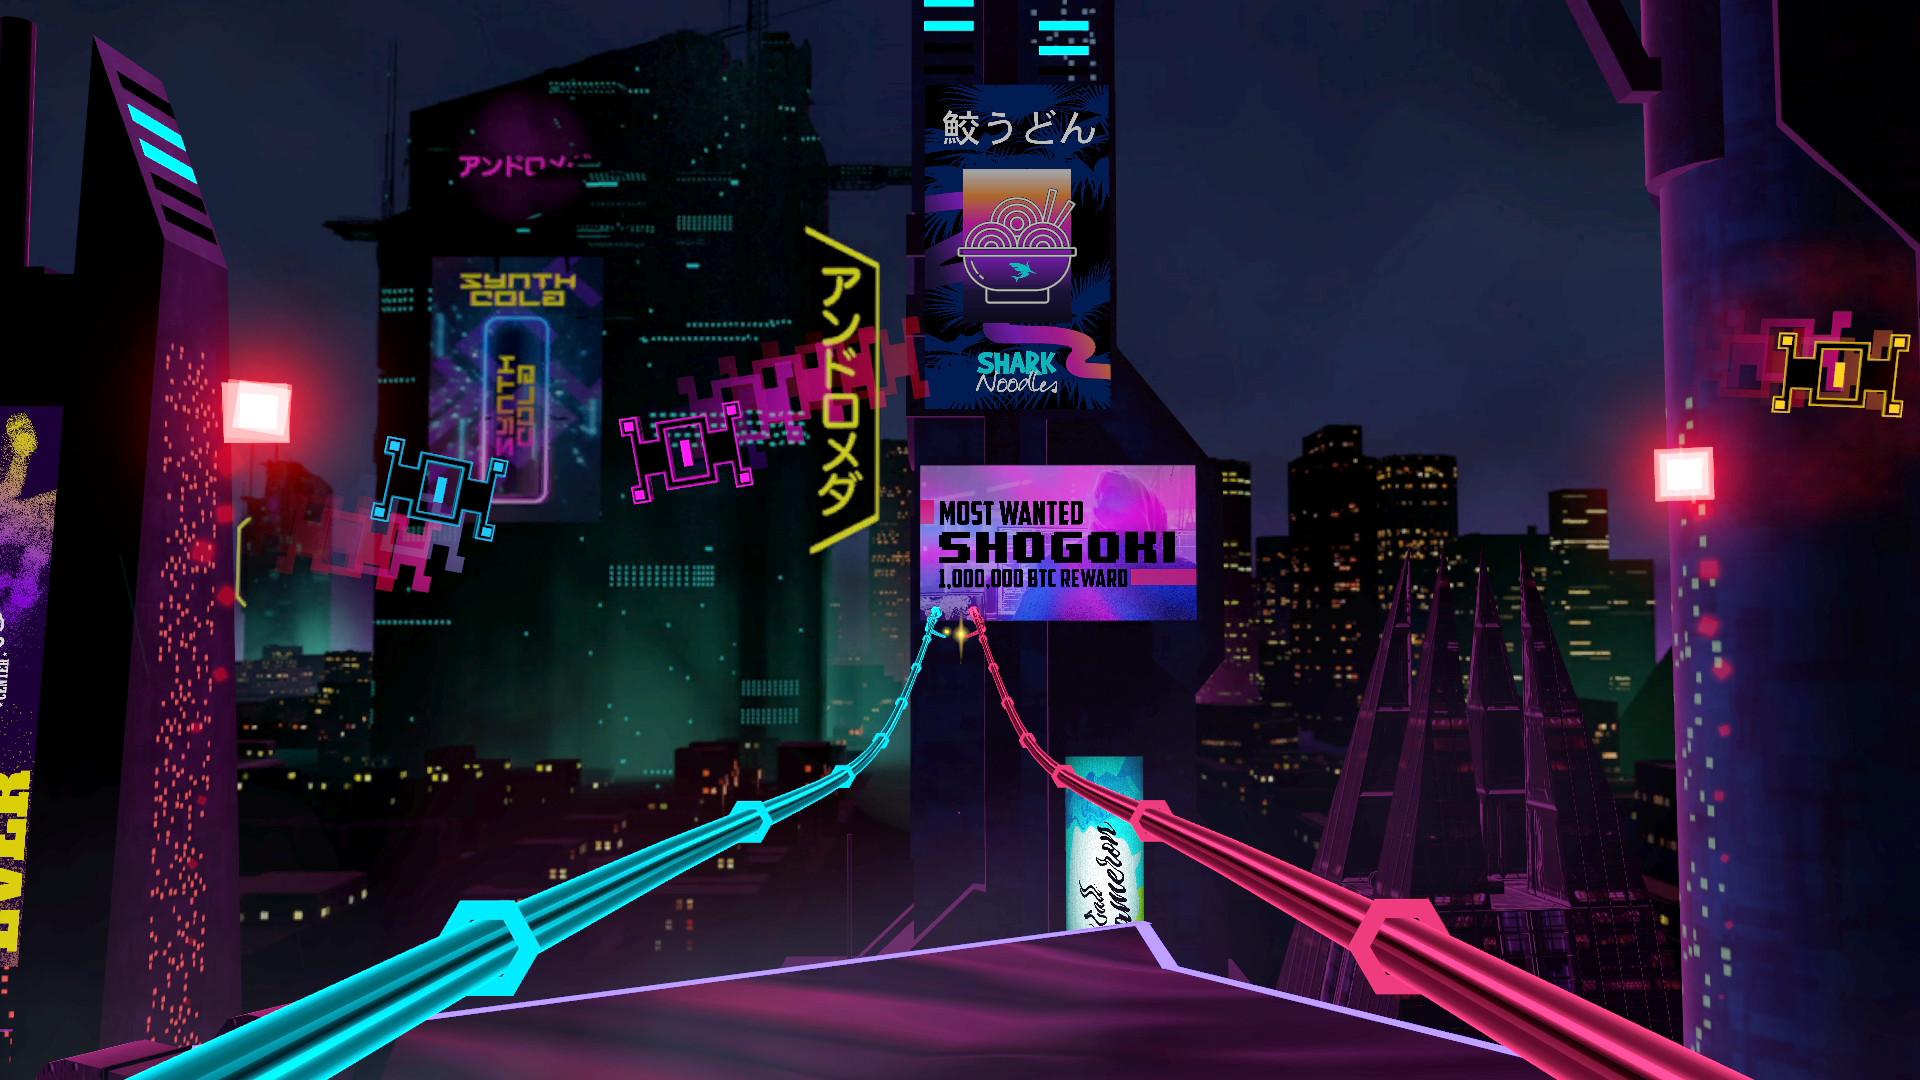 合成骑士DLC解锁汉化版本《Synth Riders》插图(3)